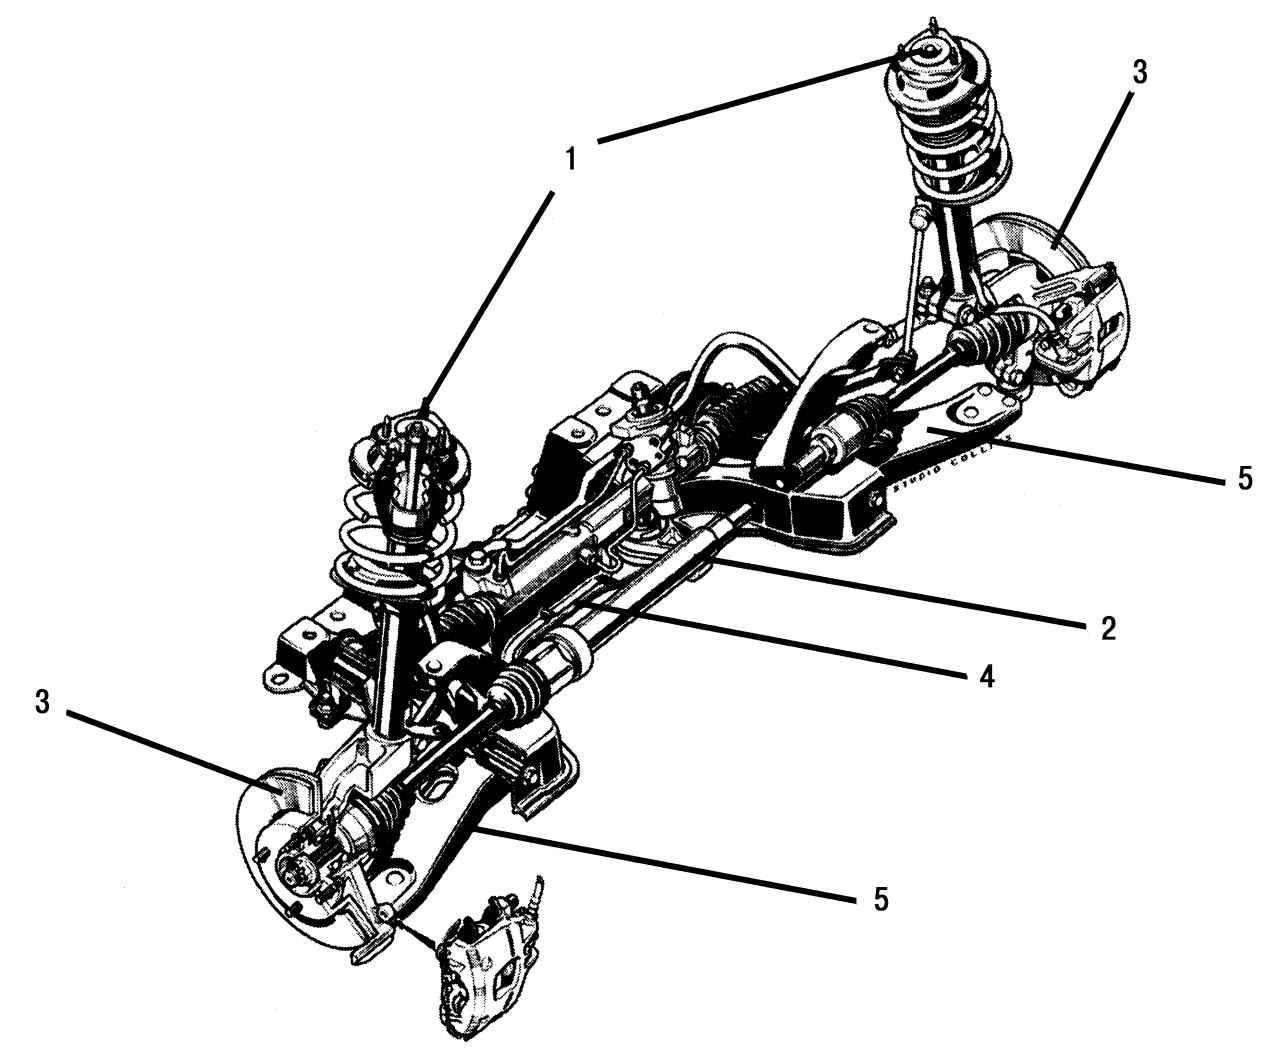 Схема подвески мондео 2001